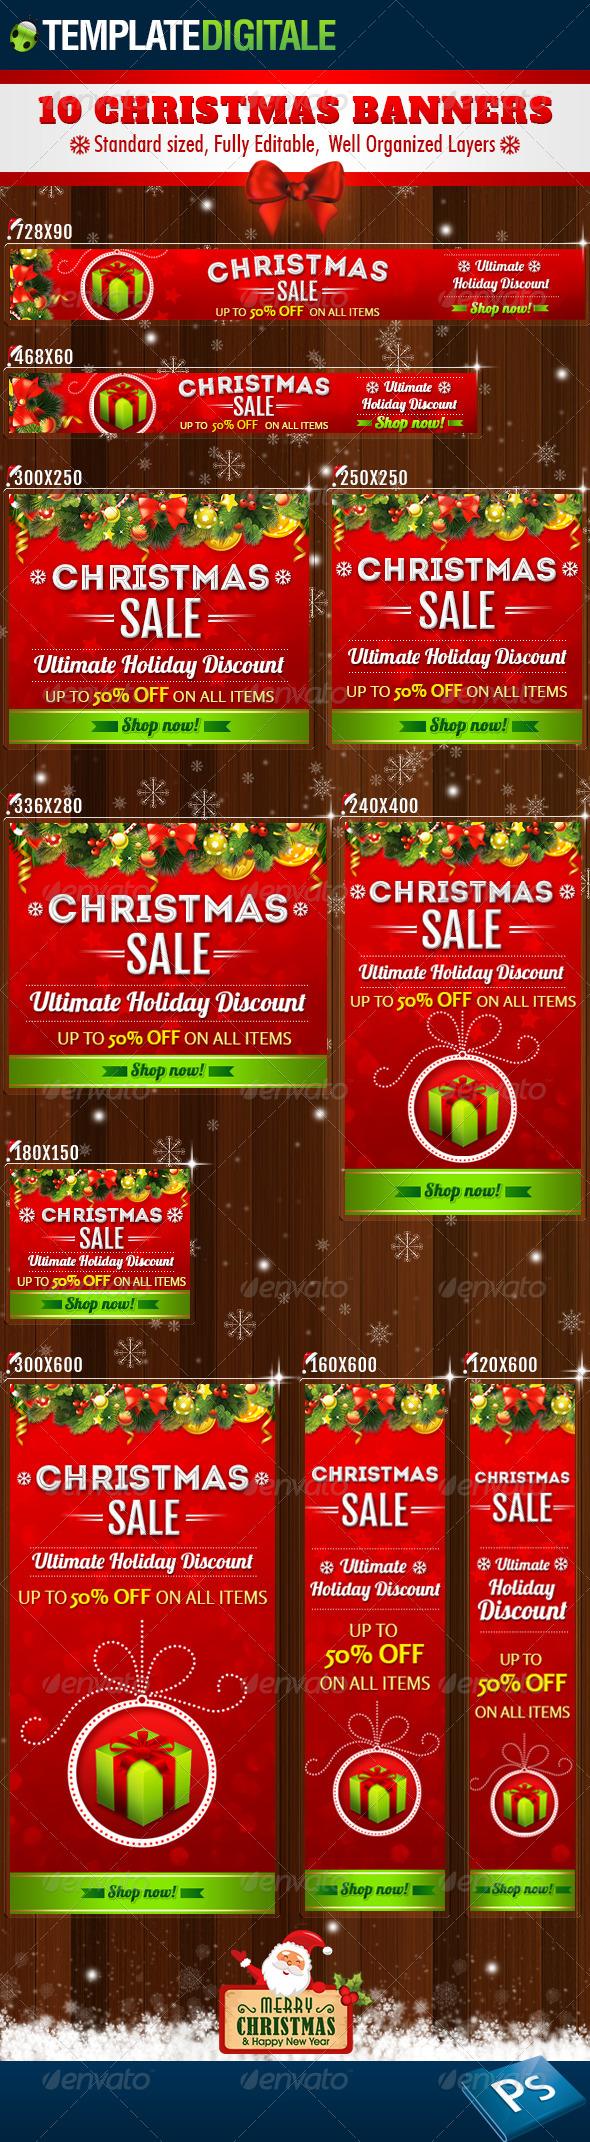 GraphicRiver 10 Christmas Banners 6381859